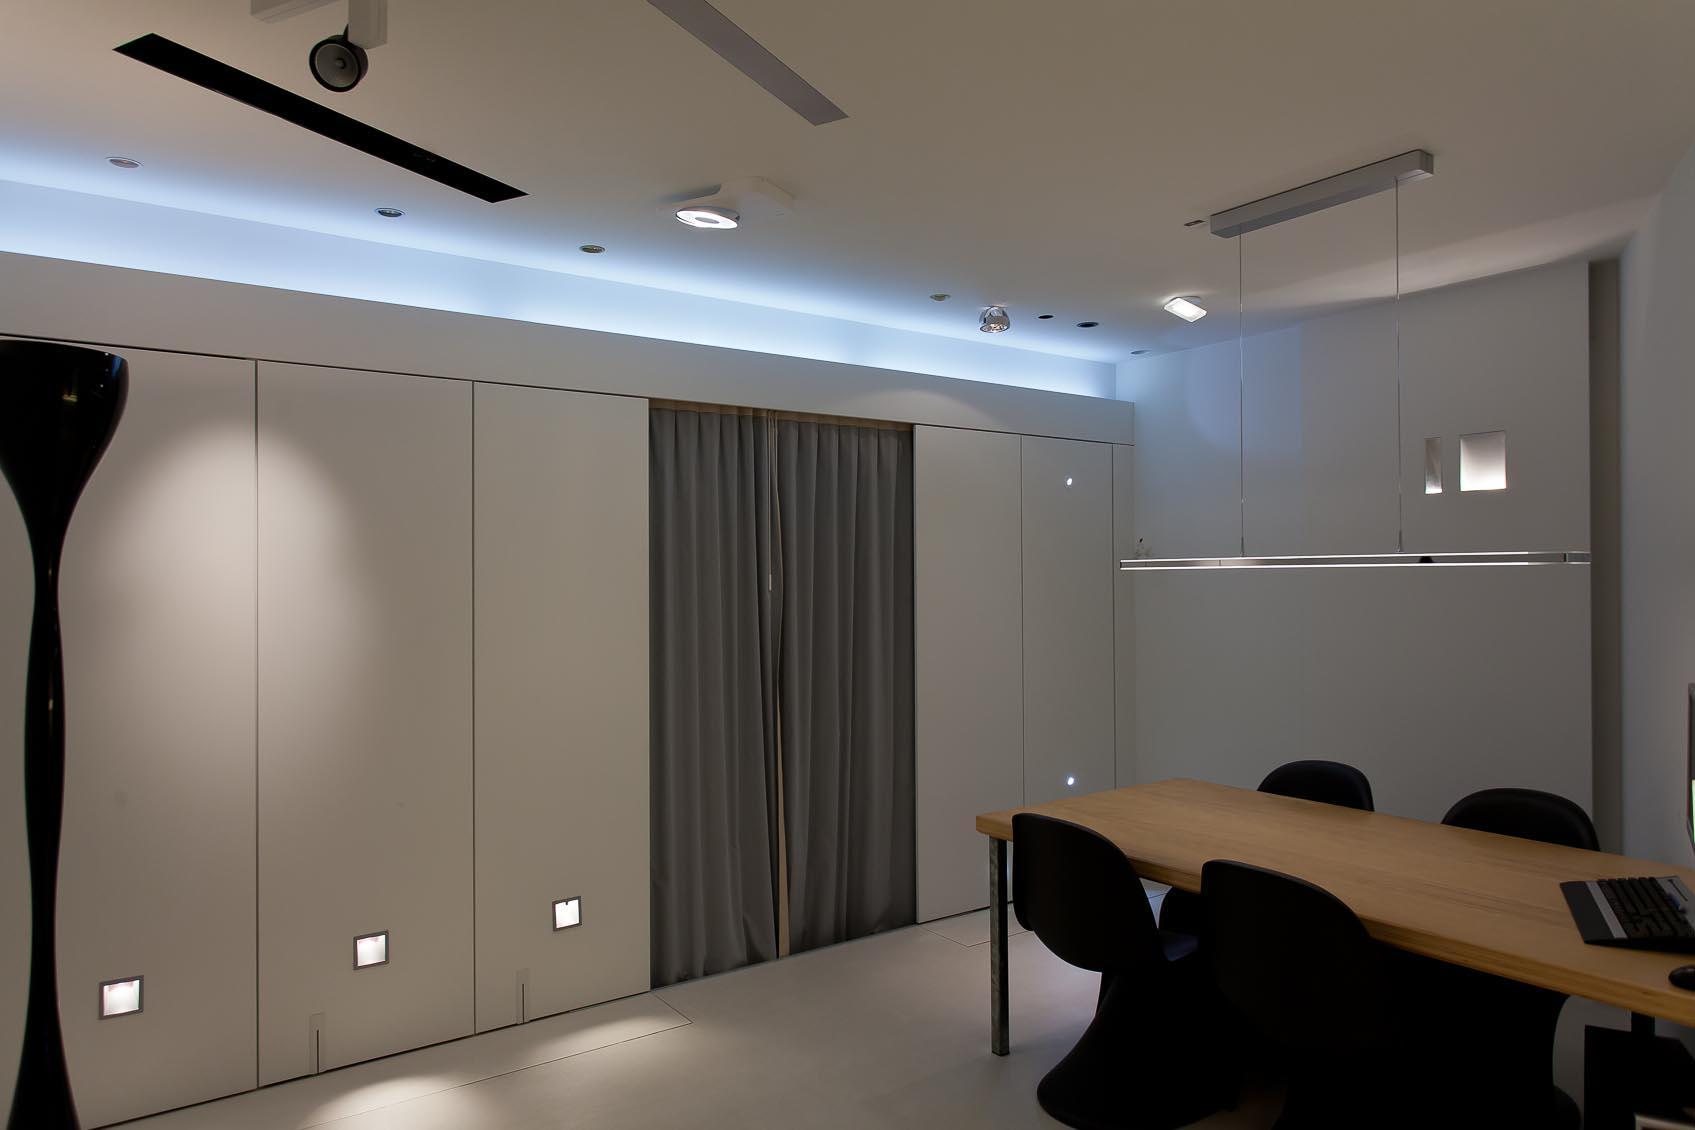 Beleef interieurverlichting in onze design lichtstudio3